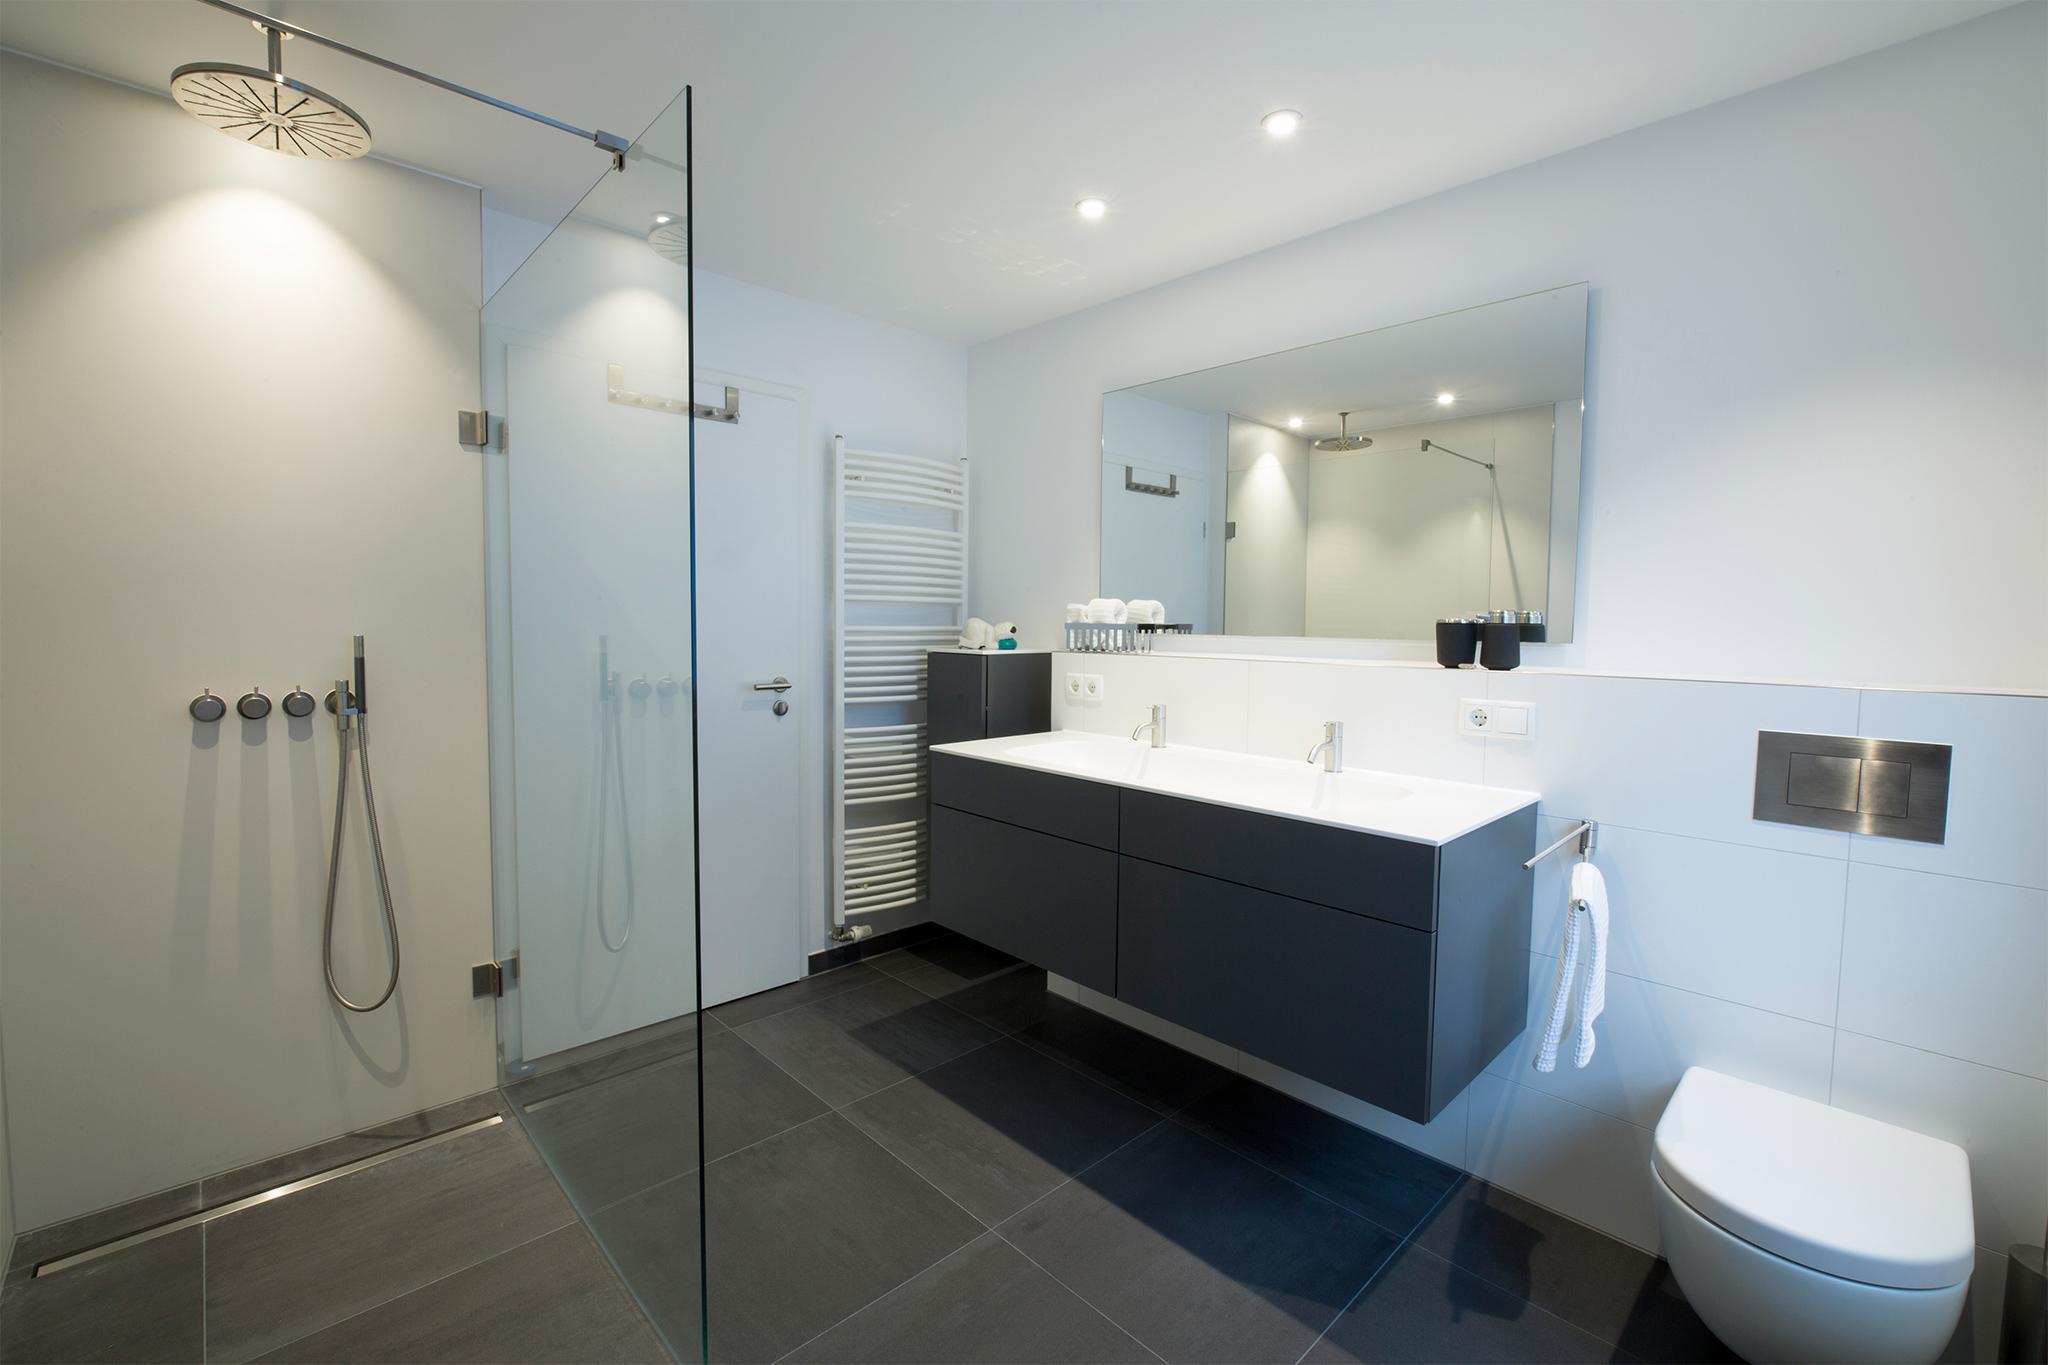 Das Bad: Alles in bester Ordnung #badezimmer #duschb...